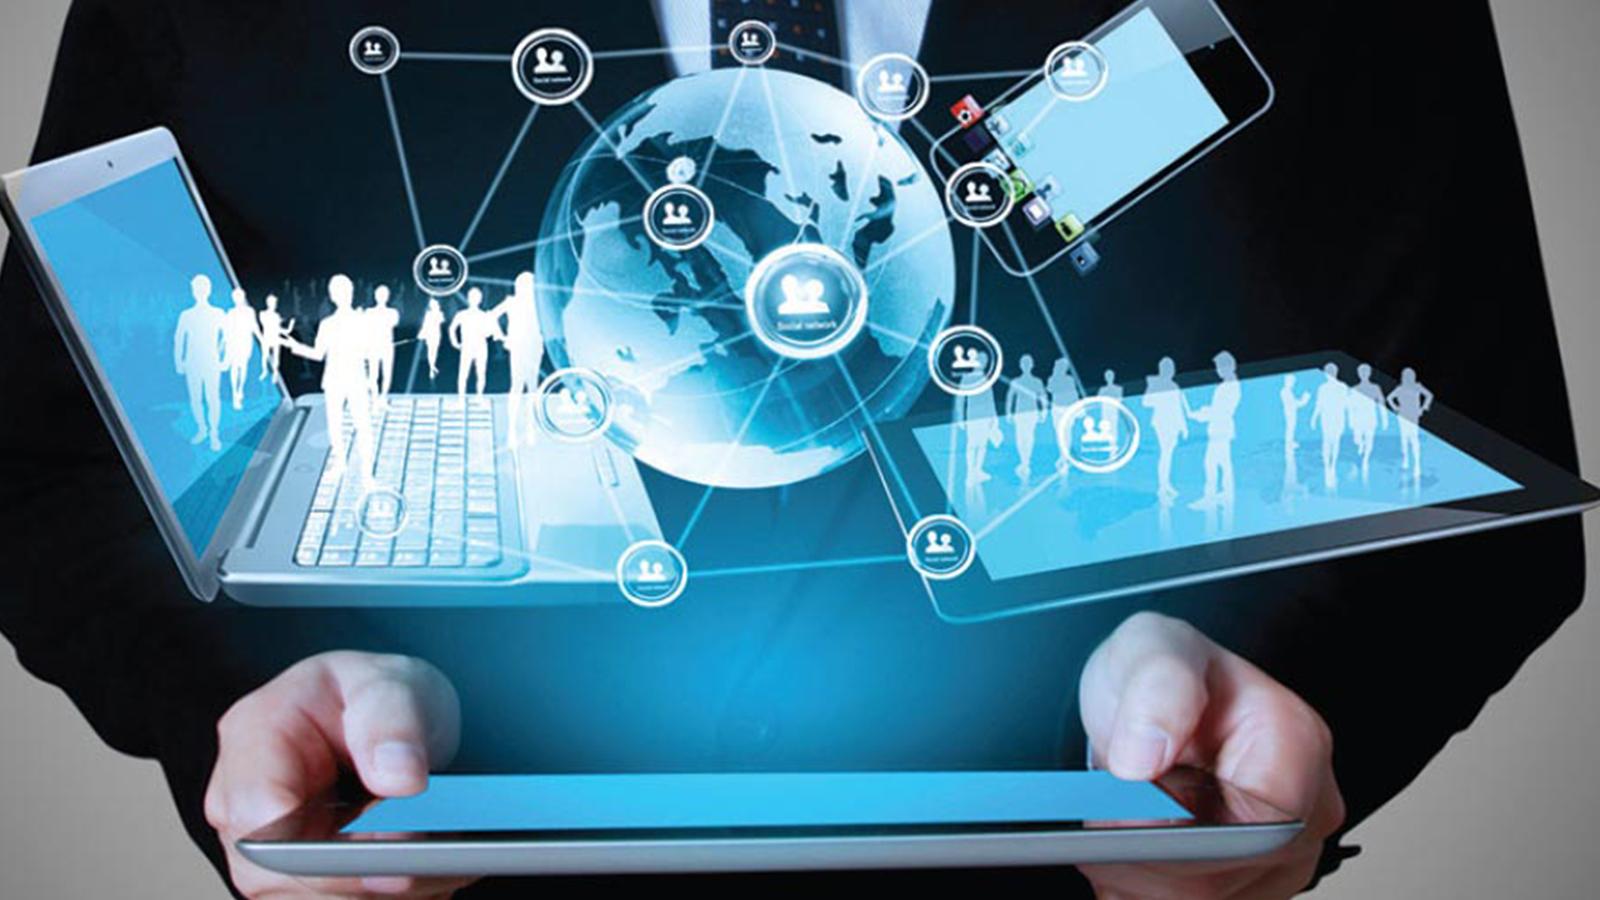 Έρευνα Accenture: Η πανδημία επιταχύνει τον ψηφιακό μετασχηματισμό στην ελληνική ασφαλιστική αγορά